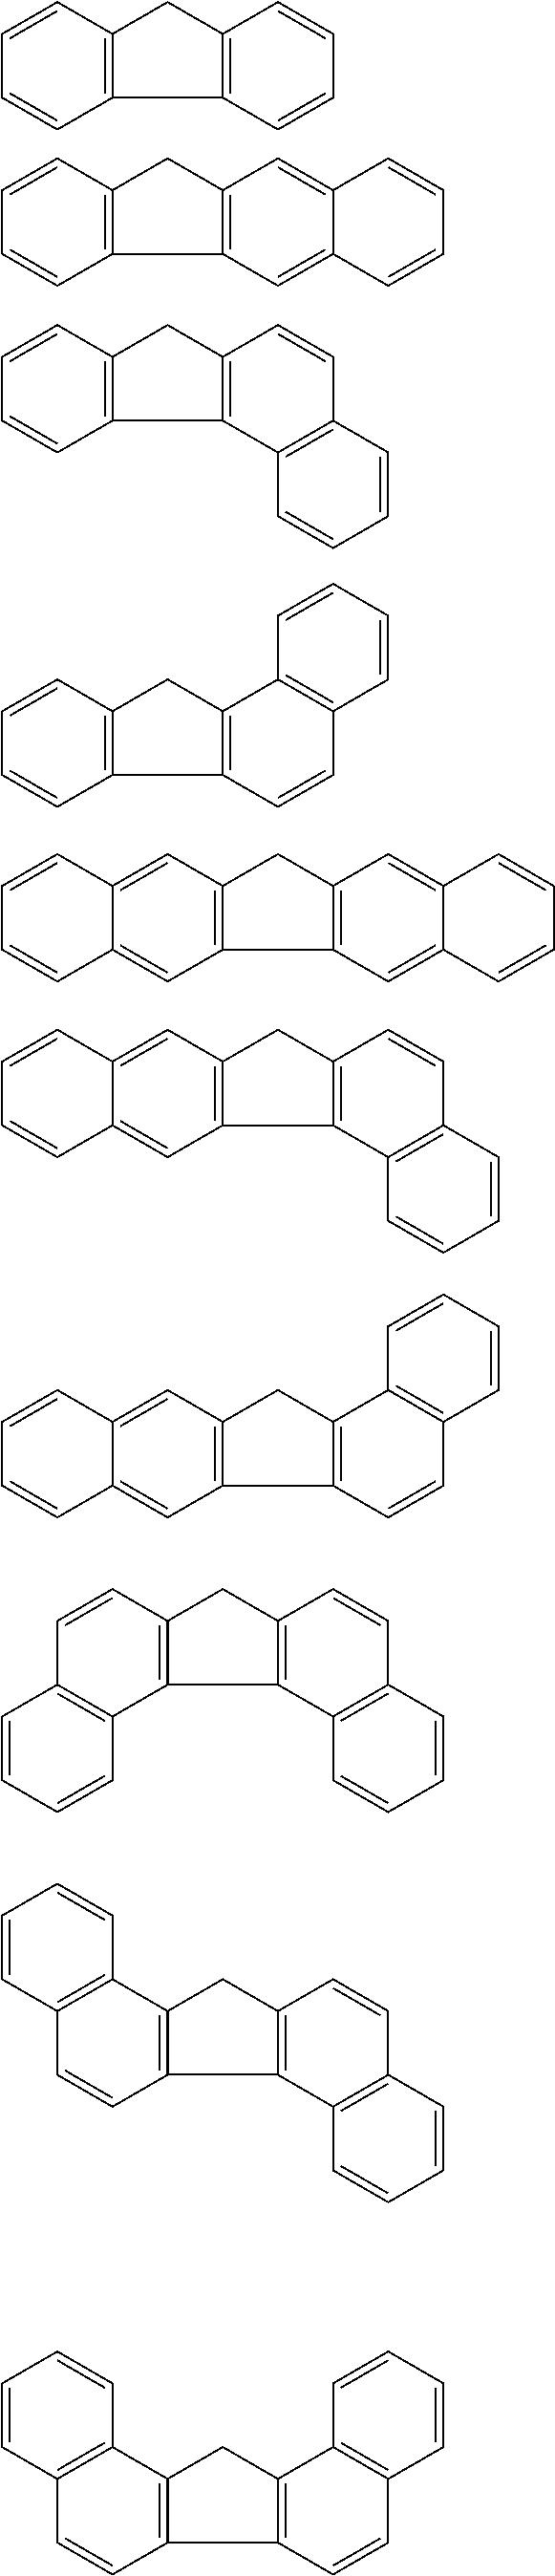 Figure US08795955-20140805-C00006